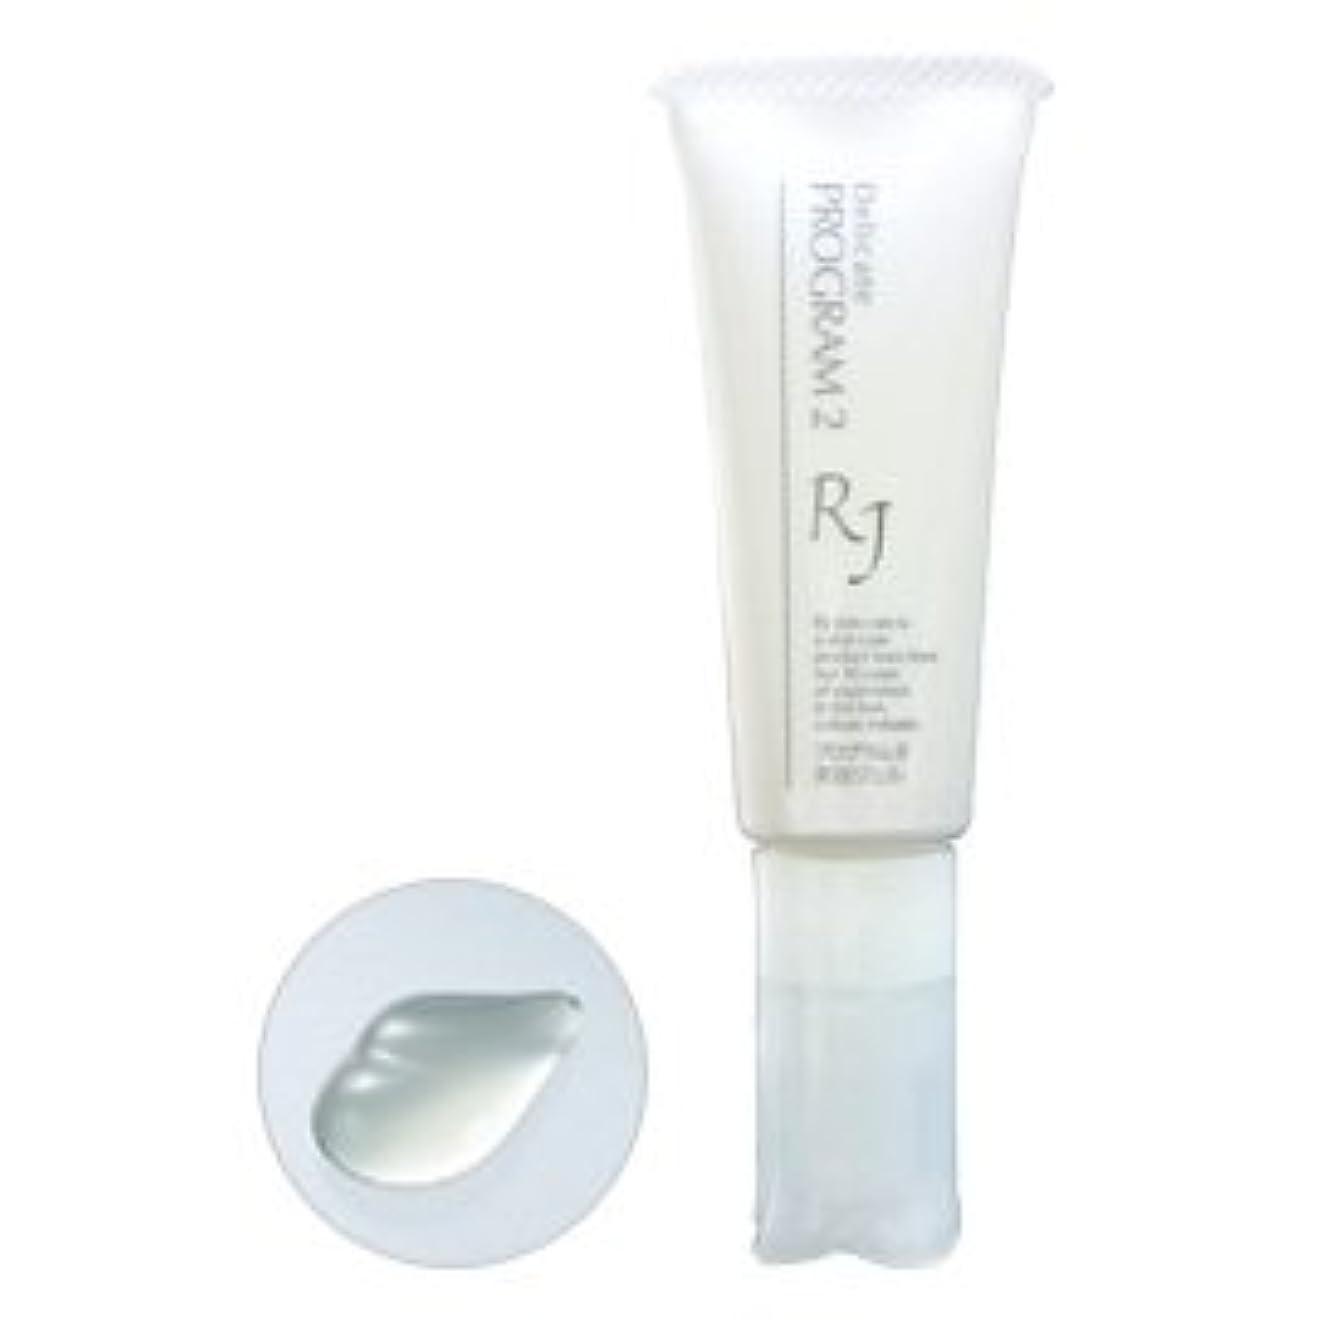 安心させる送金ポルティコプログラム2 美容ジェル 敏感肌用ジェル状美容液 20mL